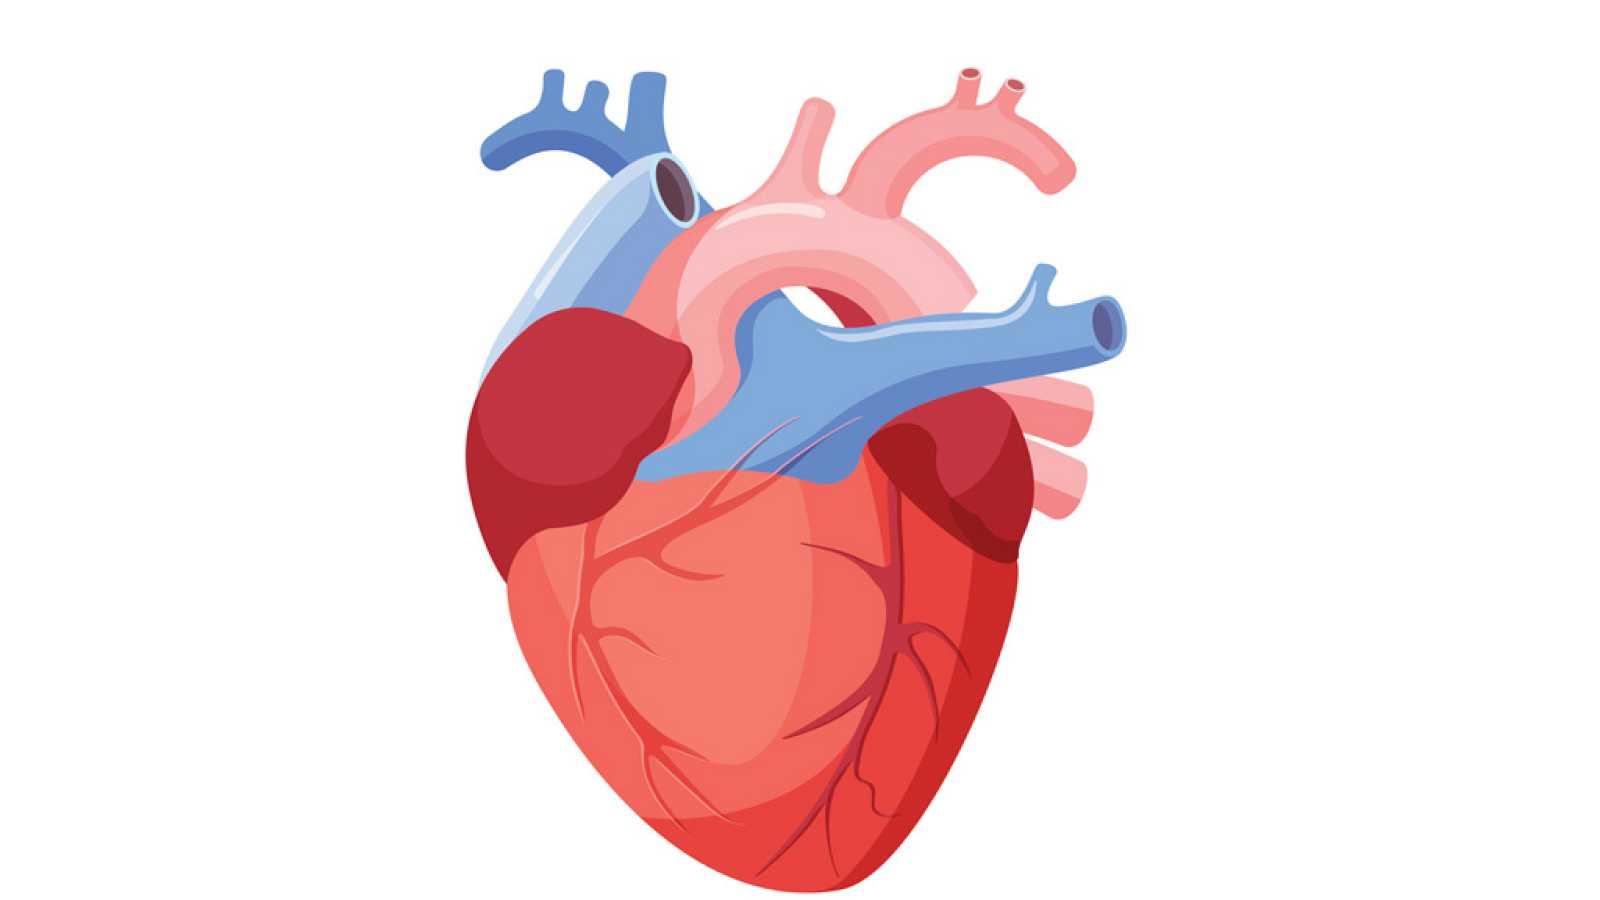 Científicos Españoles Averiguan Por Qué El Corazón Se Ubica En El